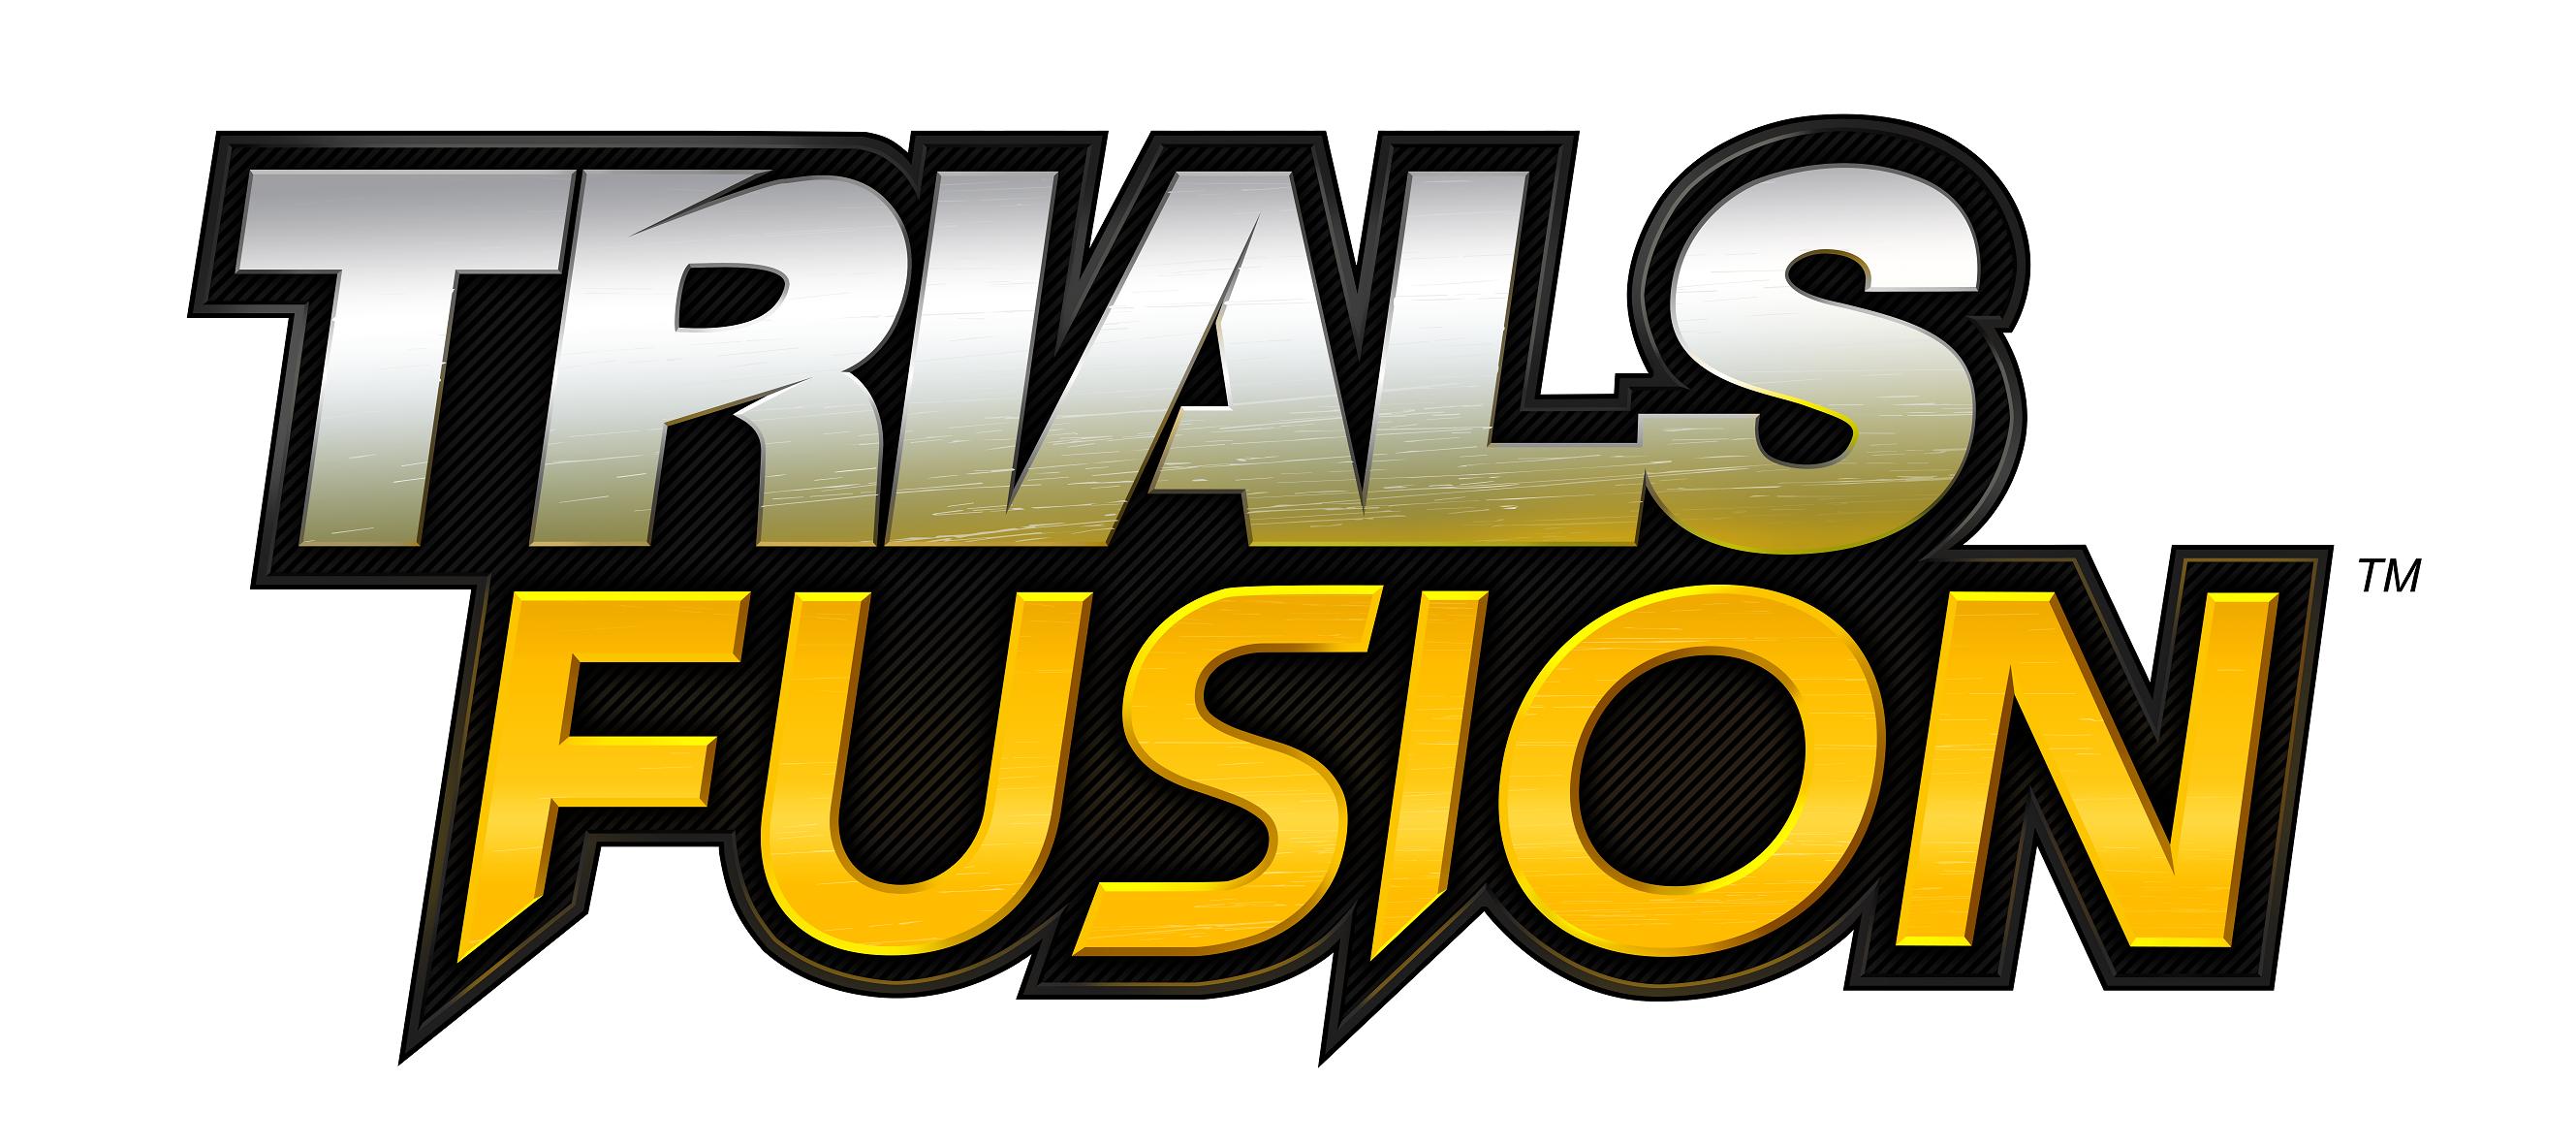 Resultado de imagem para Trials Fusion logo png